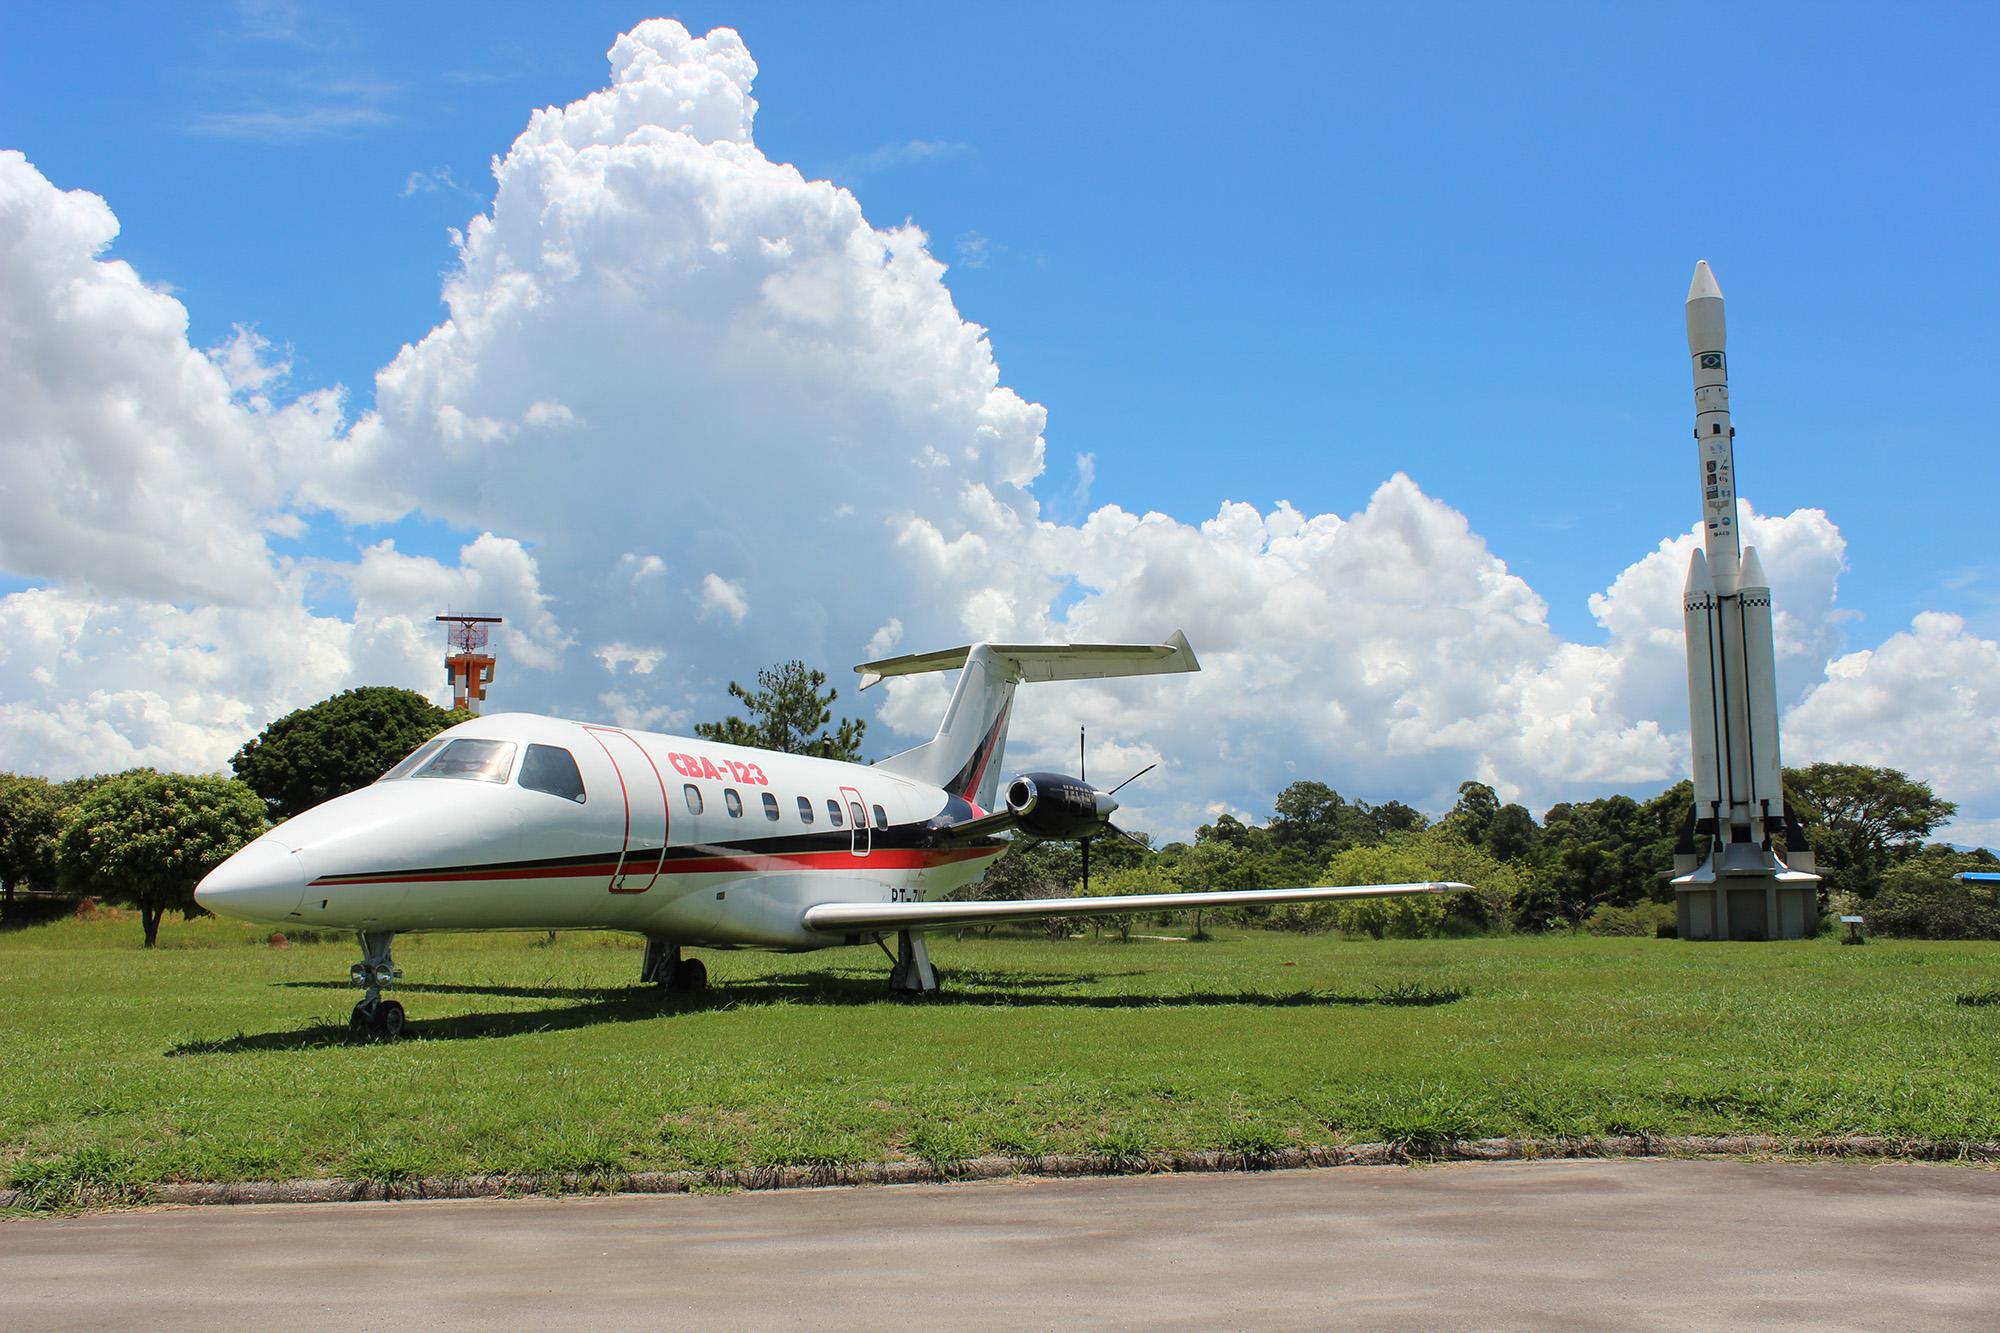 Fma-Embraer CBA-123 Vector AR/BR